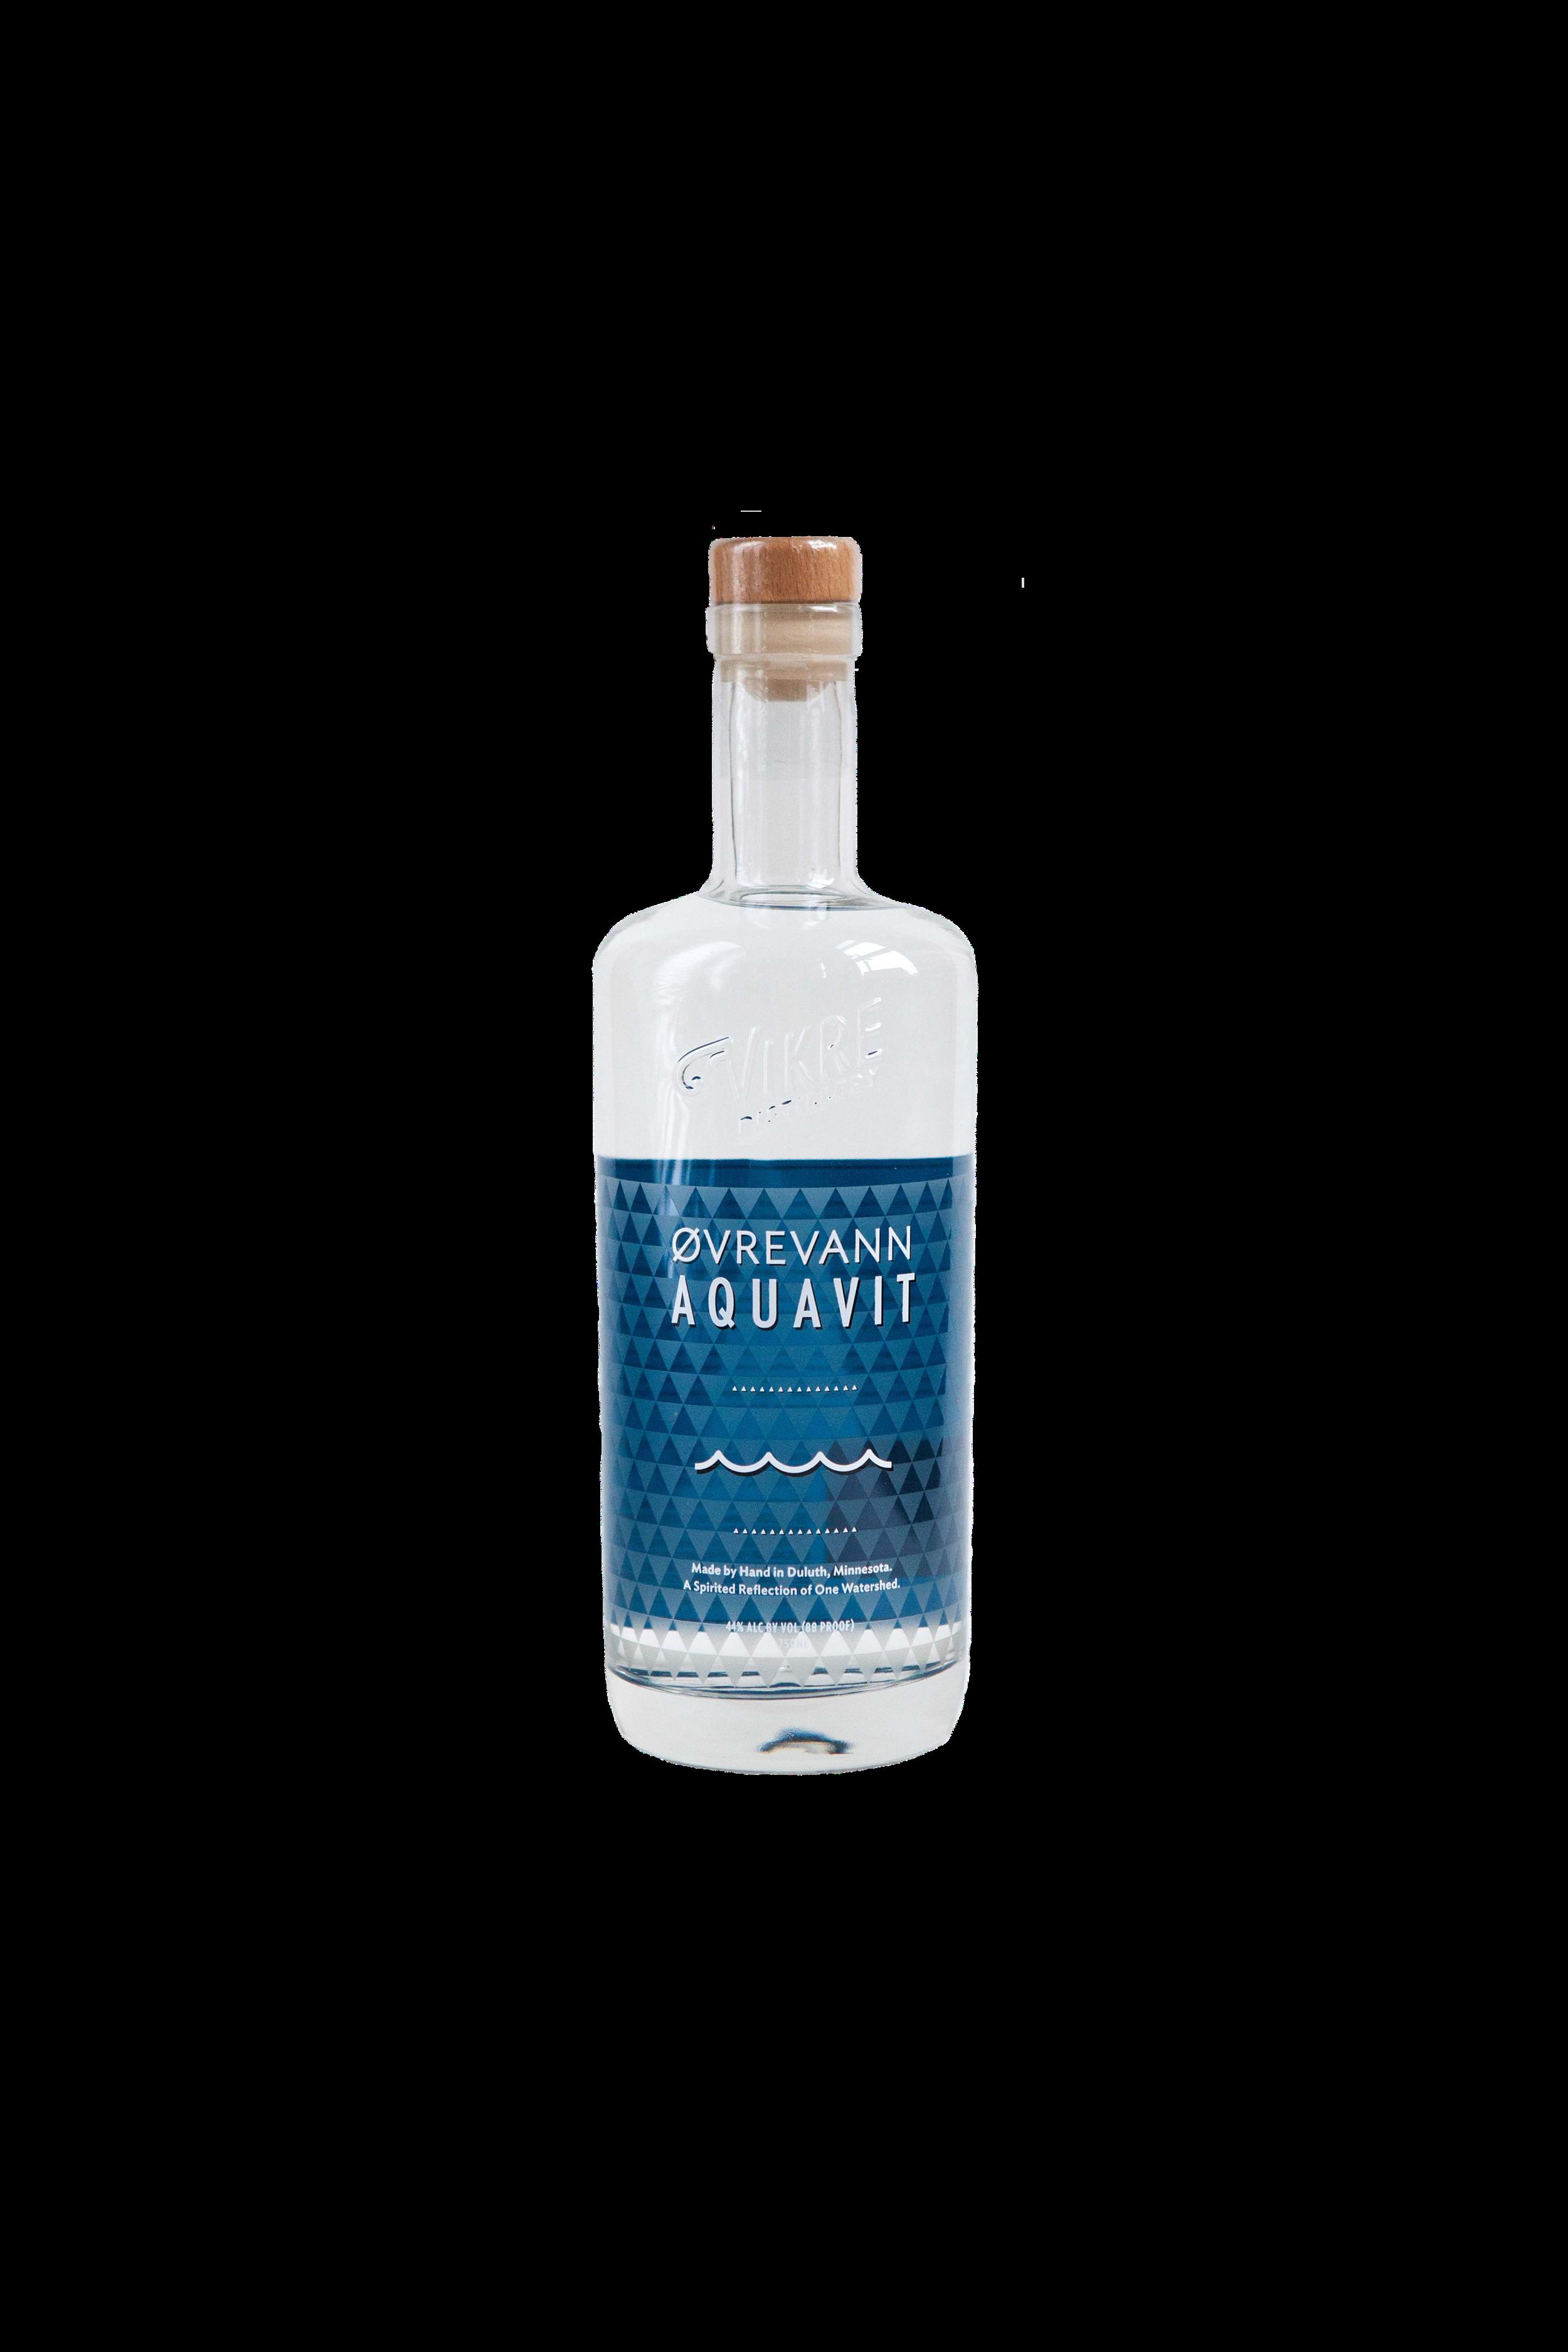 overvann_aquavit_bottle_transparent.png